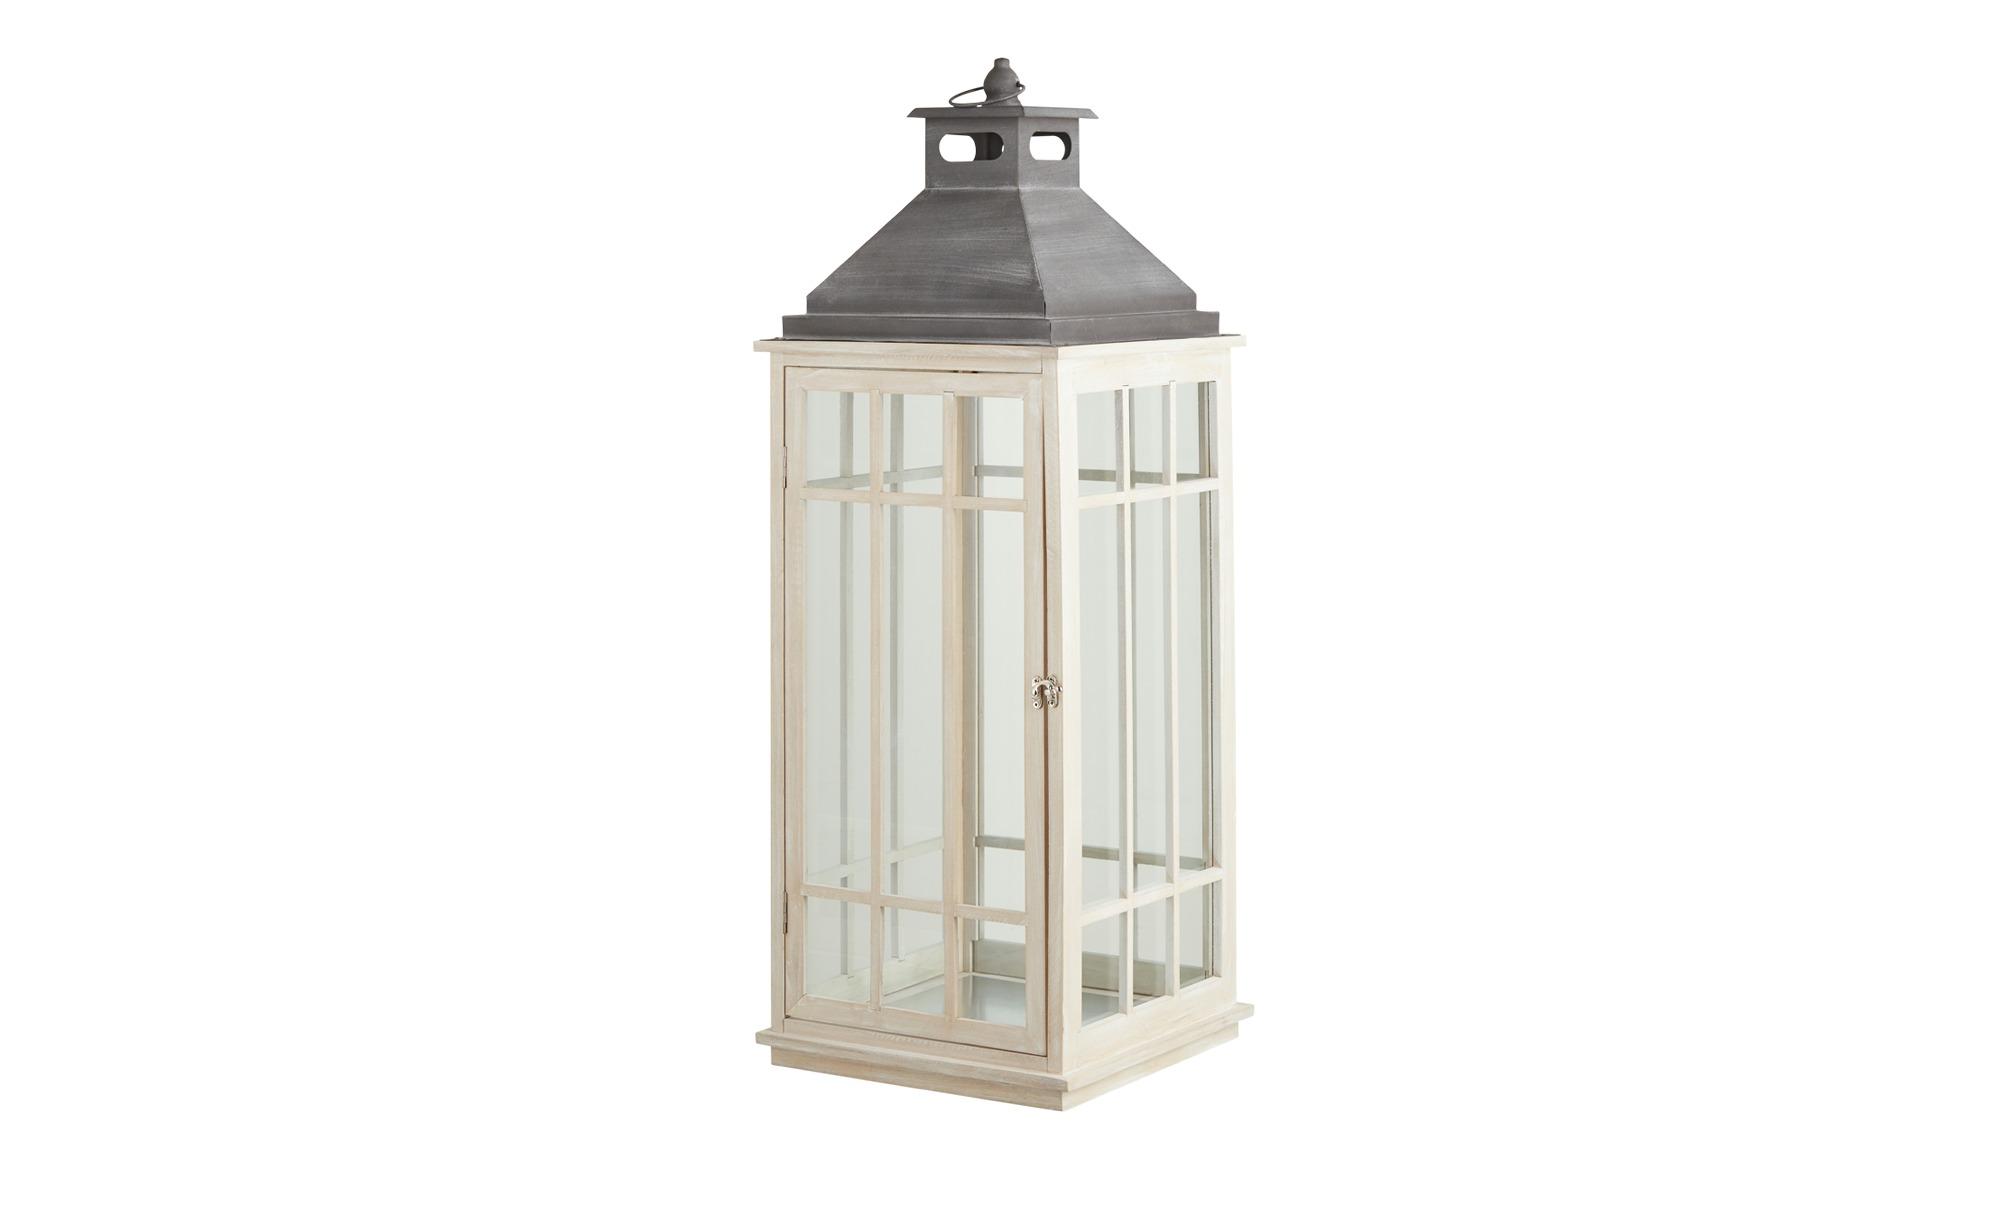 Laterne weiß Holz, Metall, Glas 31,5 cm 90,5 cm 31,5 cm Dekoration > Laternen & Windlichter Möbel Kraft